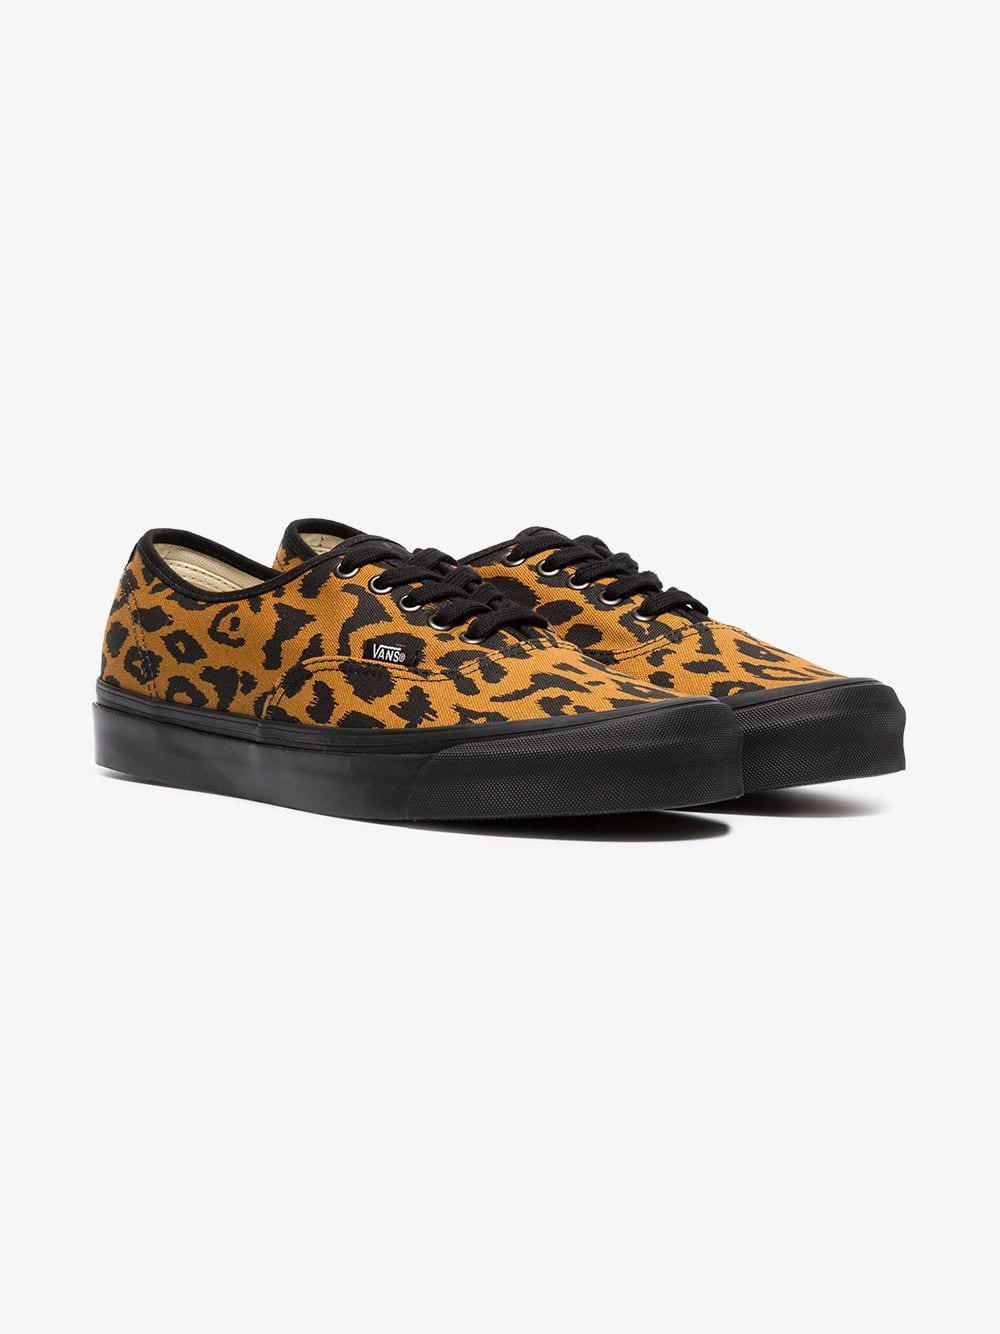 338f65b683 Vans Leopard Print Vault Ua Og Trainers in Brown for Men - Lyst